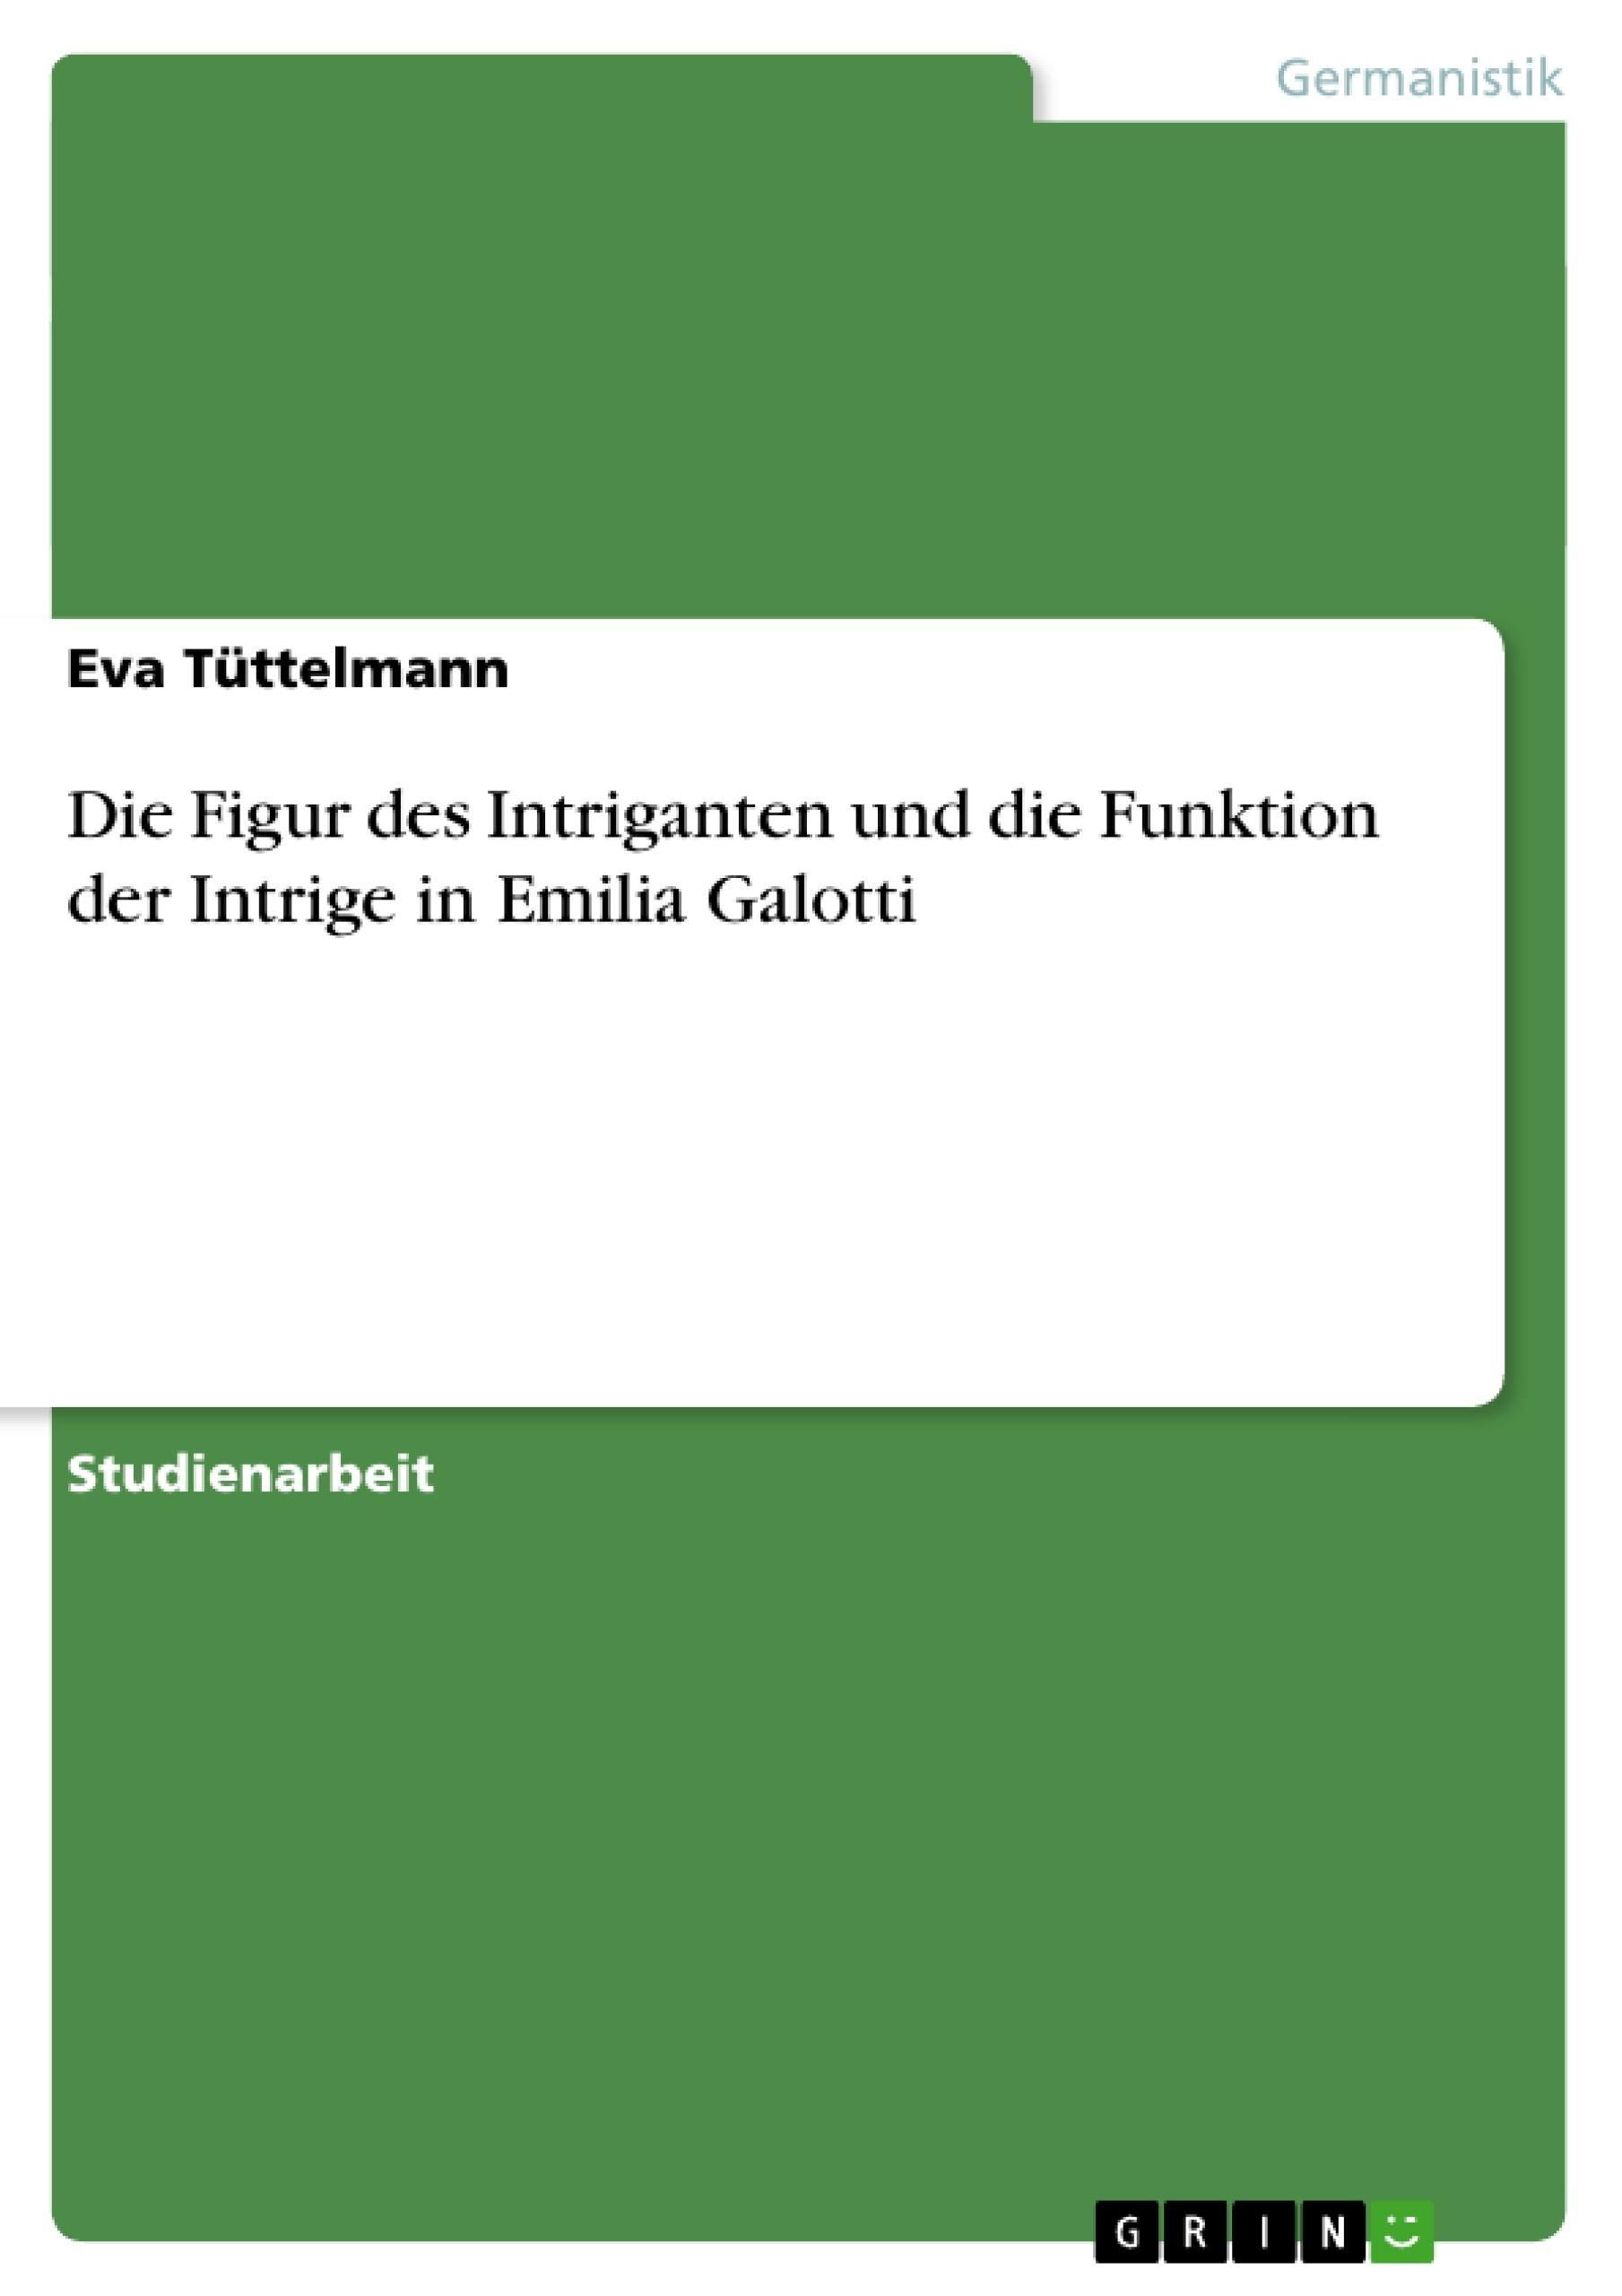 Titel: Die Figur des Intriganten und die Funktion der Intrige in Emilia Galotti